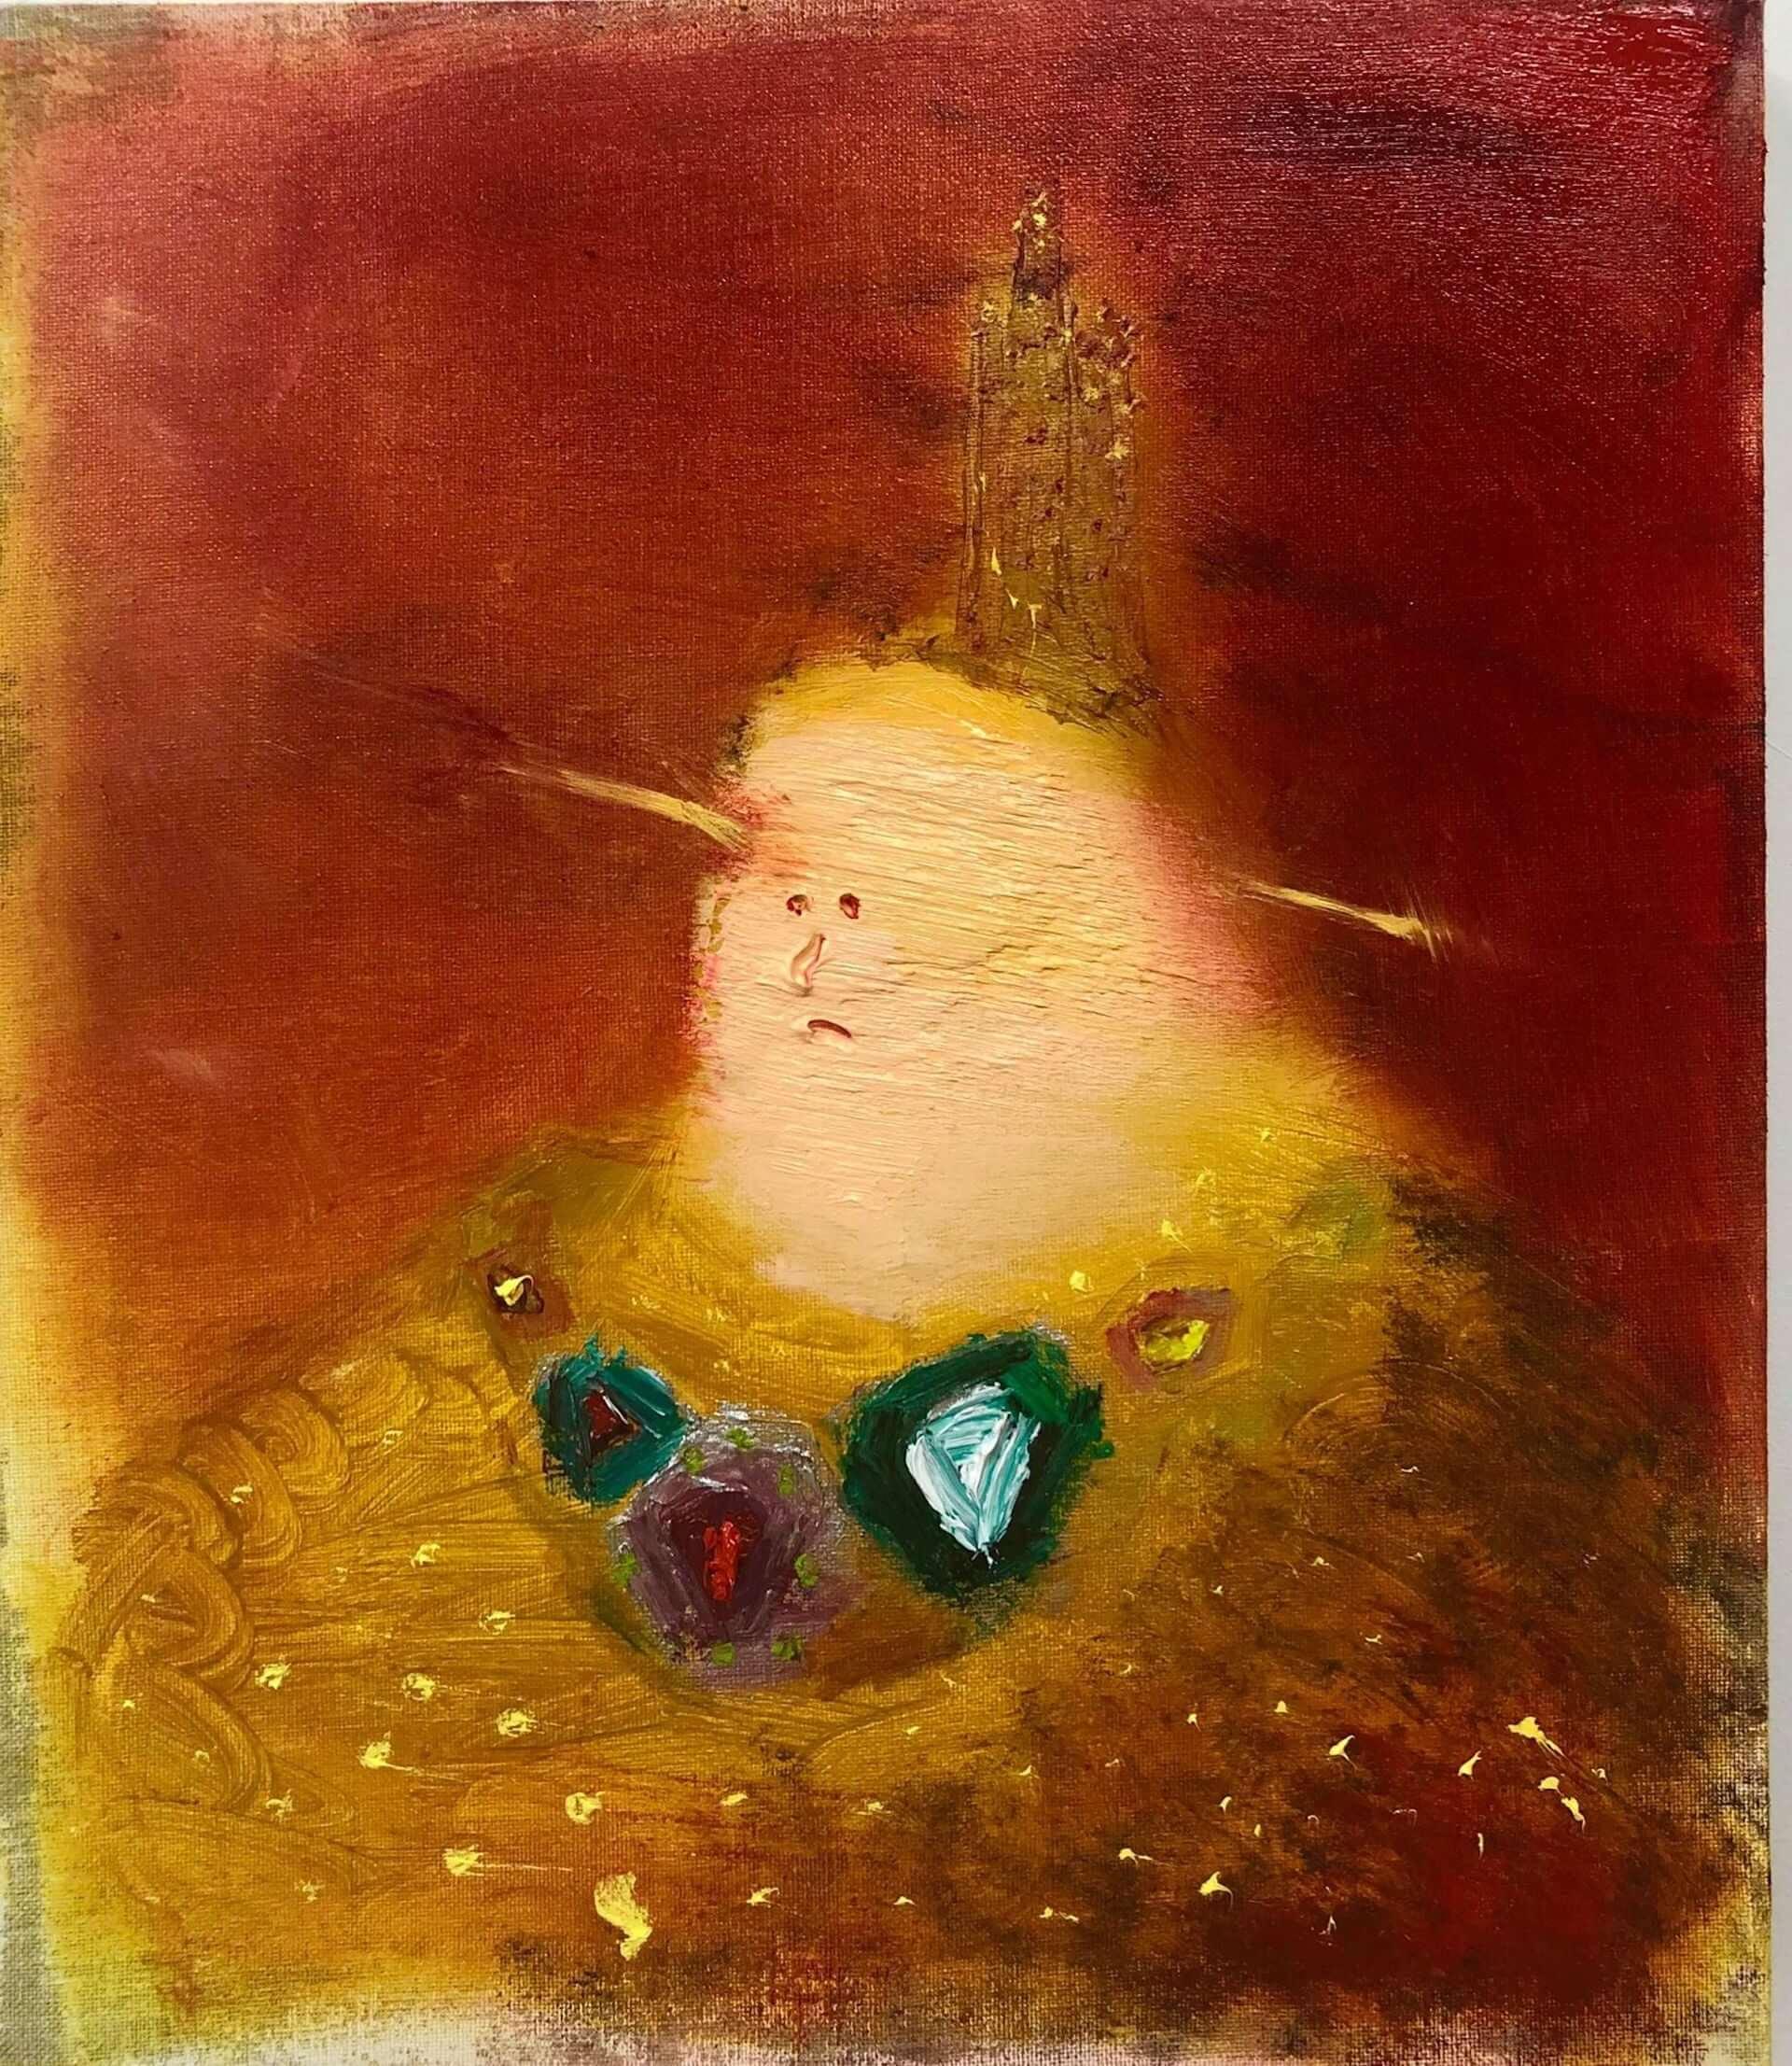 京都、奈良を拠点とする東慎也、米村優人の作品展<神の左手 悪魔の右手>が渋谷EUKARYOTEにて開催! art200722_eukaryote_3-1920x2213